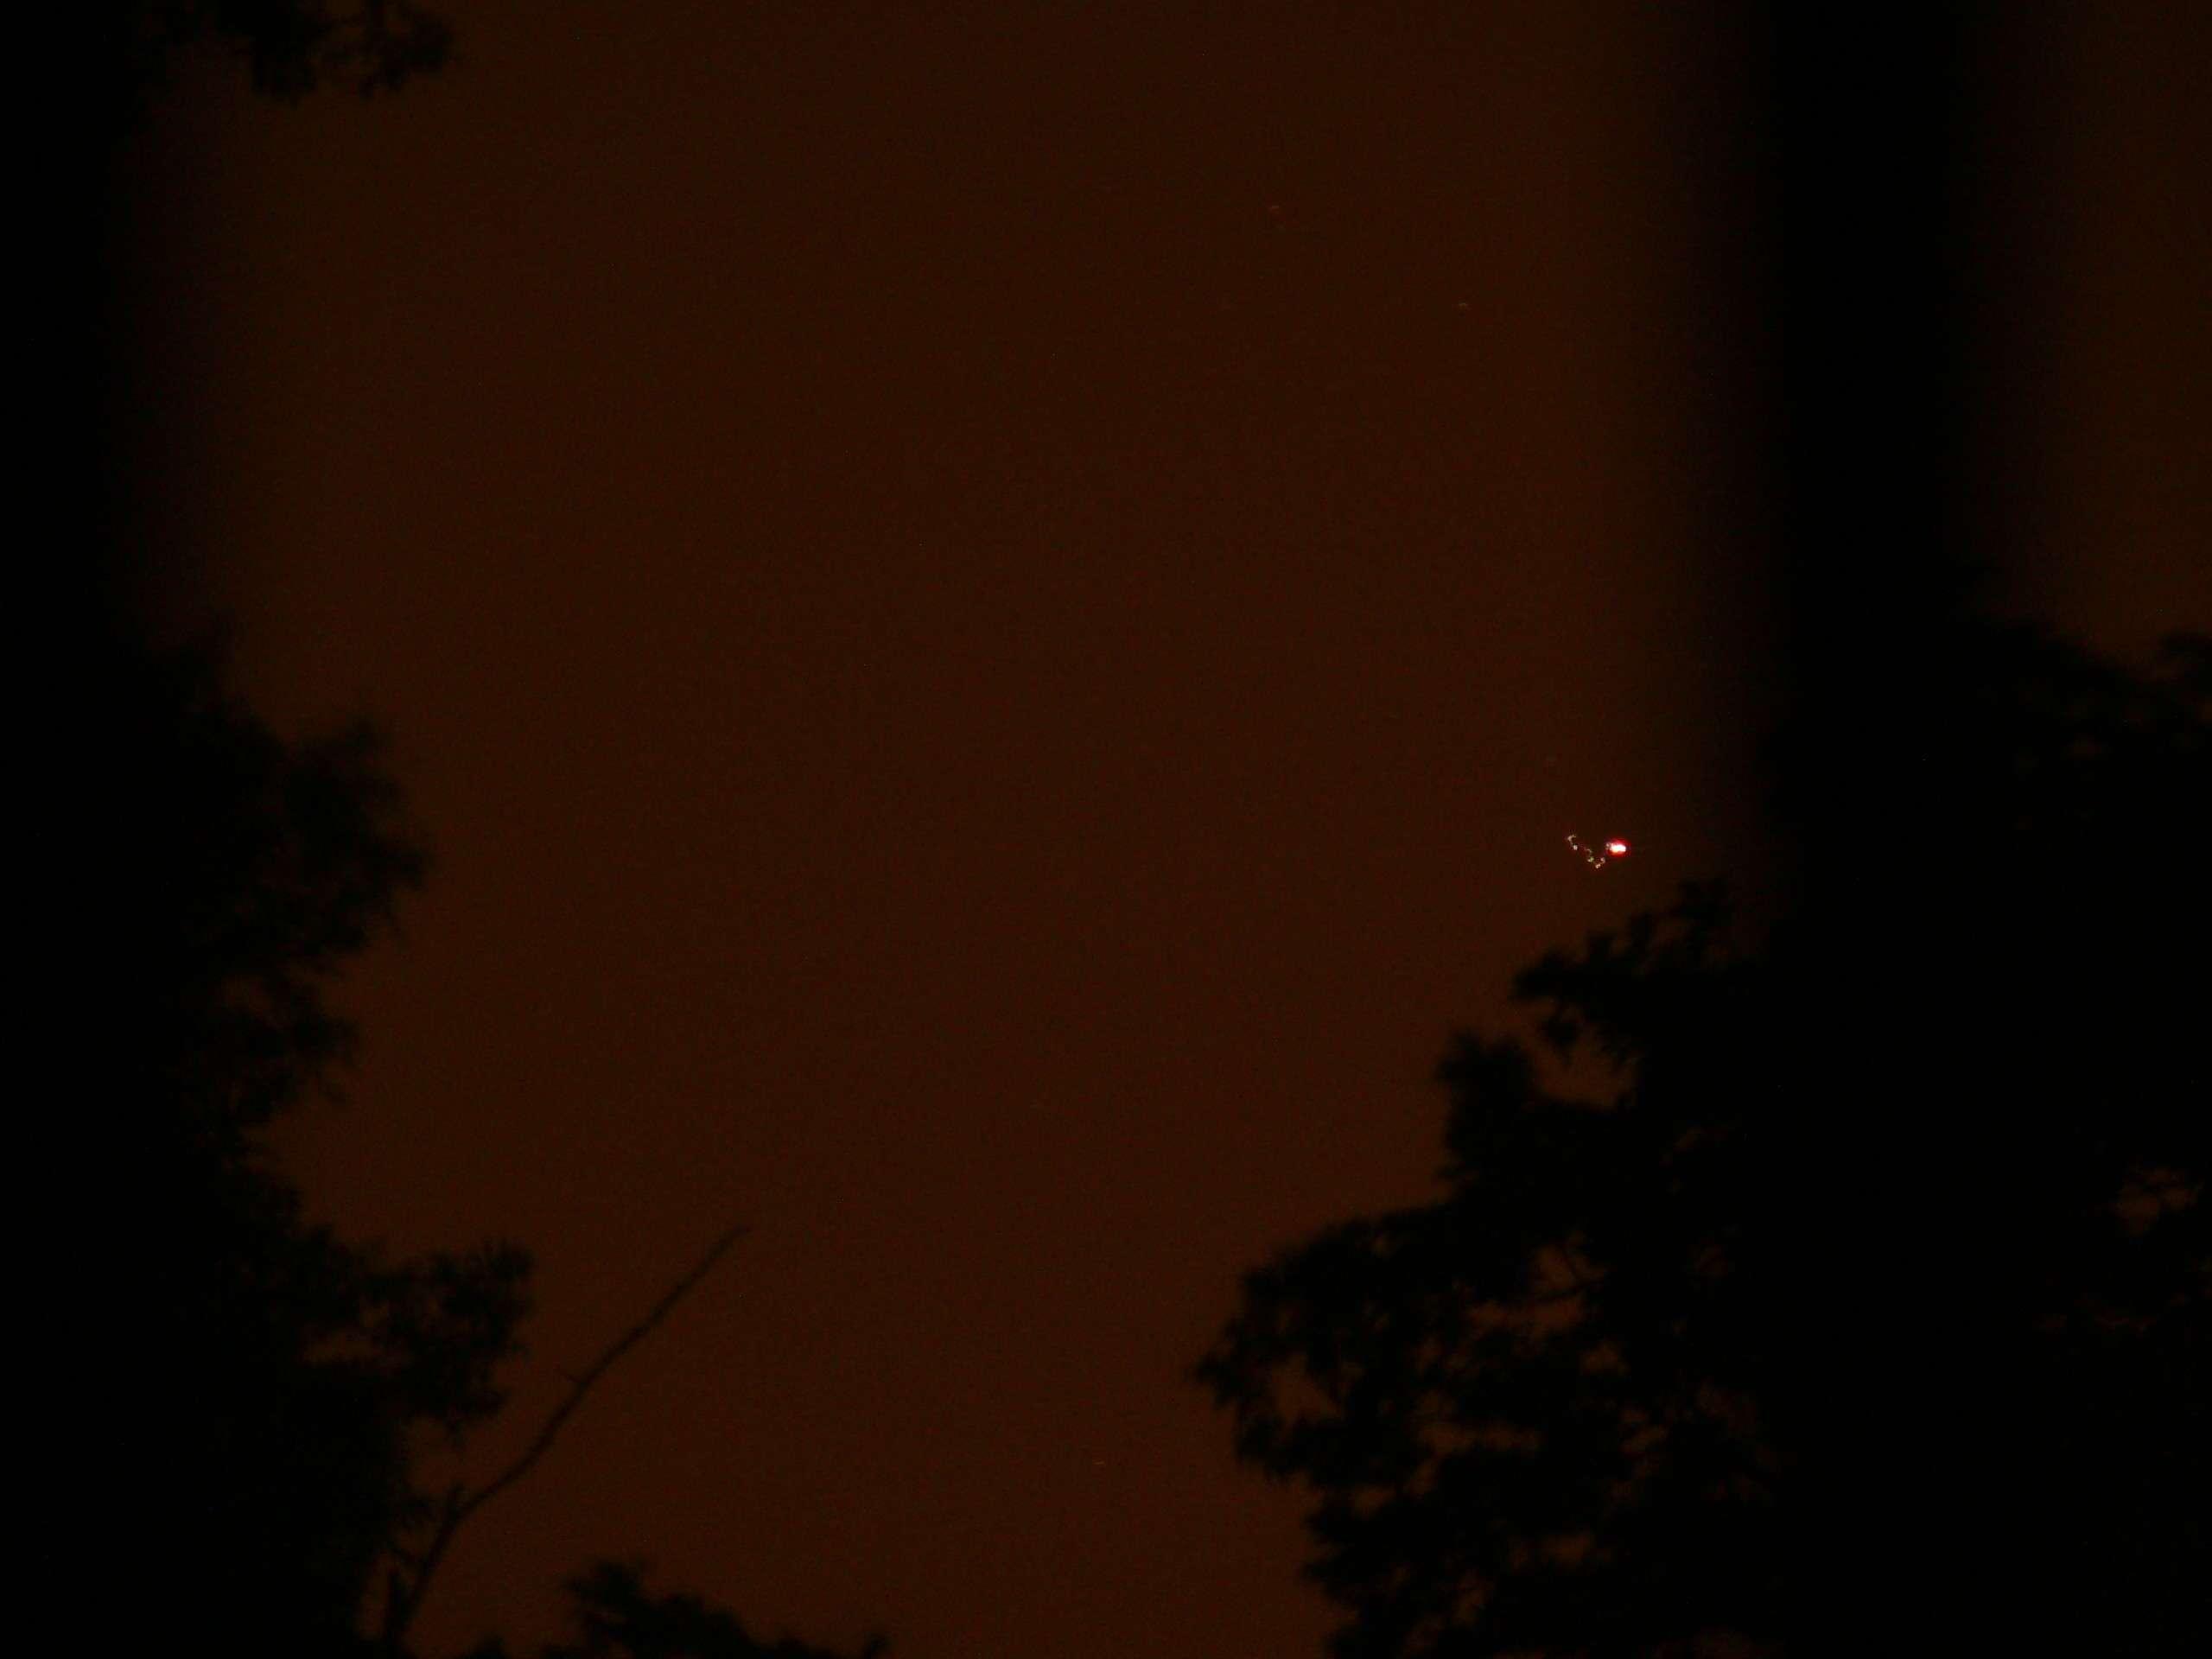 Plateau de Saclay (91) nuit du 24 au 25 mai 2011 : lumières mouvantes - Page 2 P1200425